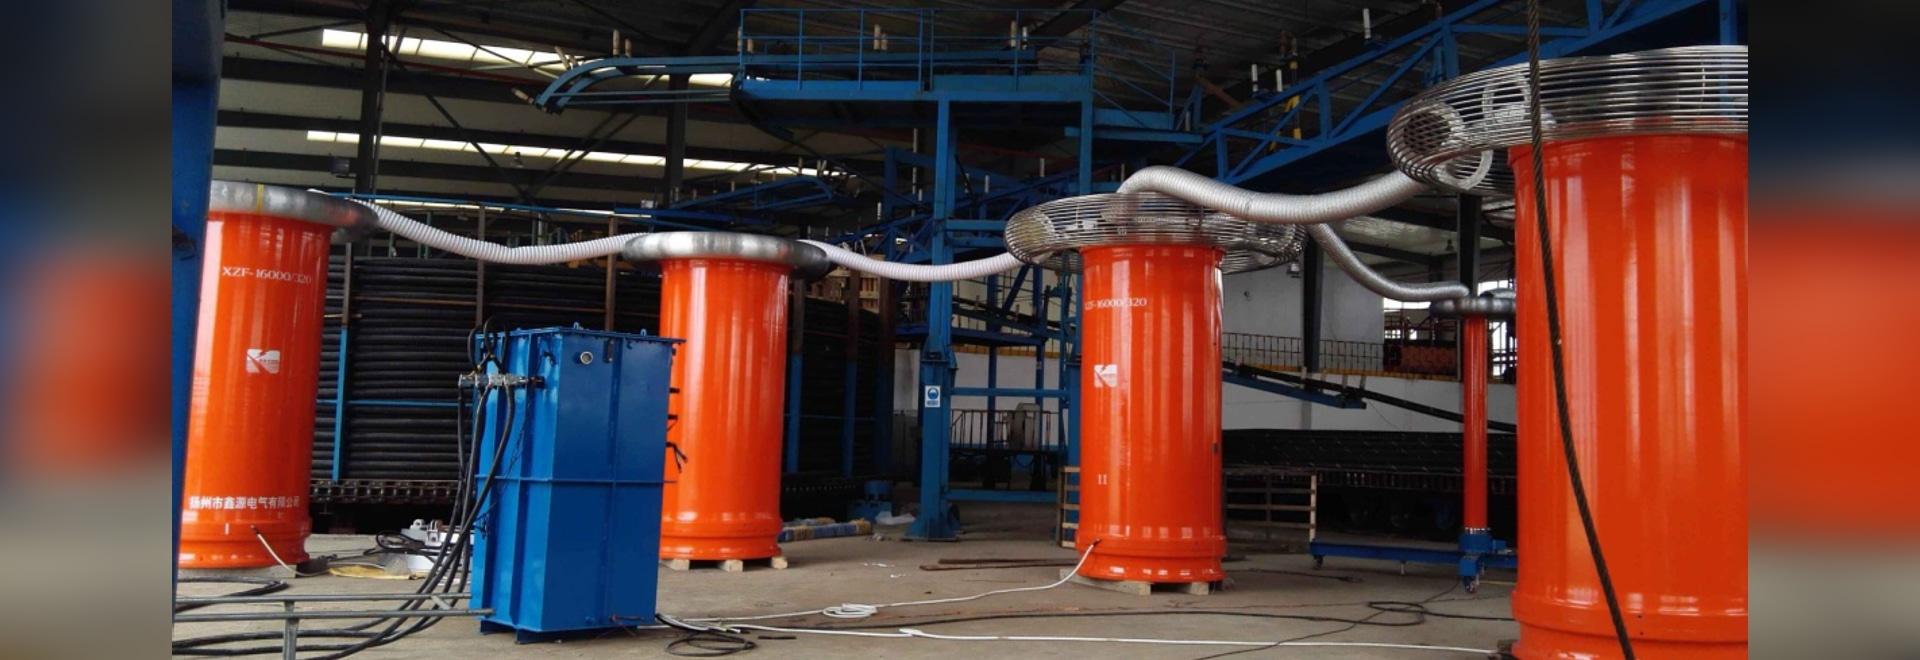 Essai d'usine de cable électrique 220kV de PowerHV- 34km